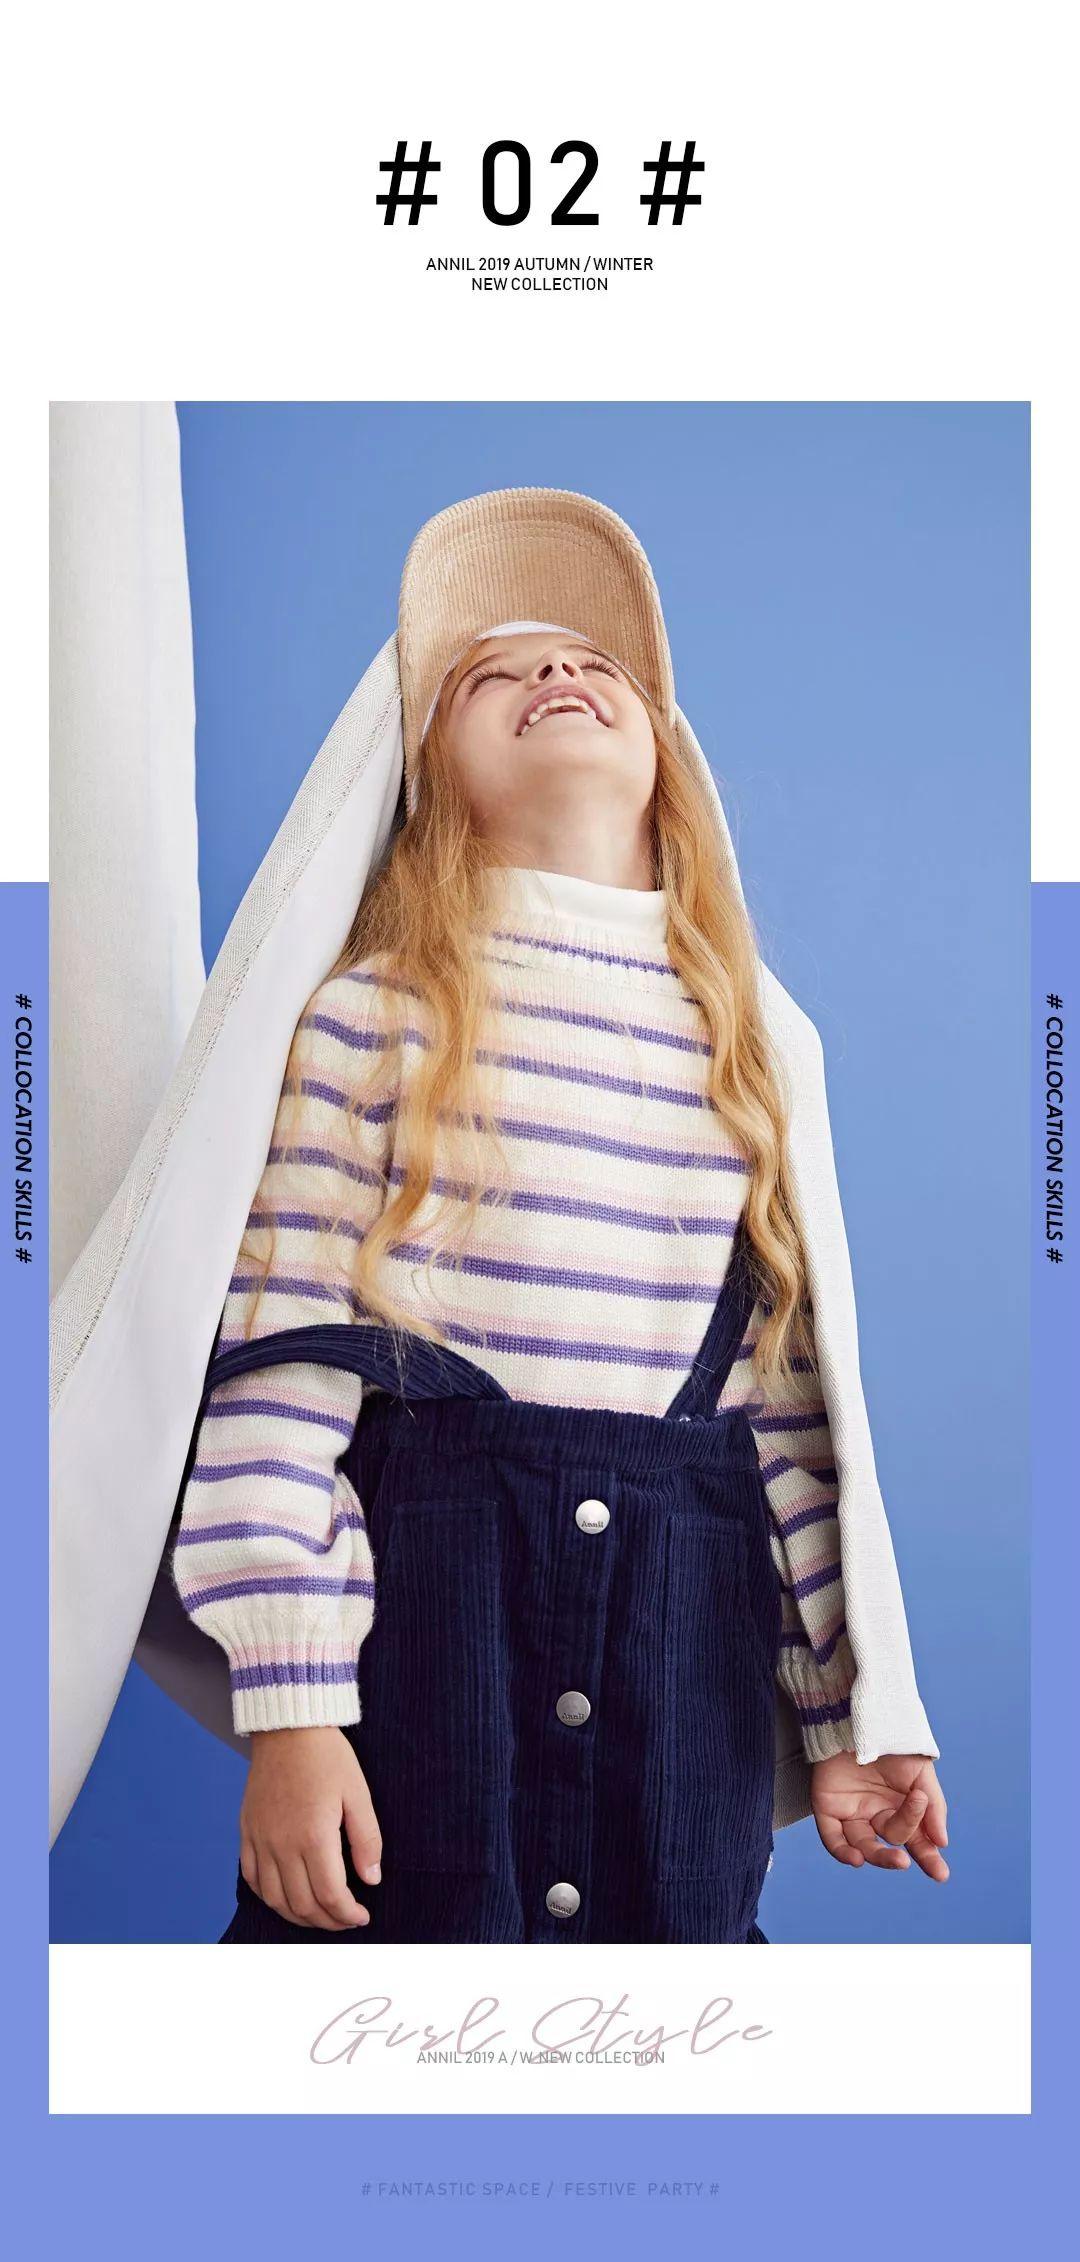 安奈儿:穿美丽暖和的毛衣,是冬天存在的意义